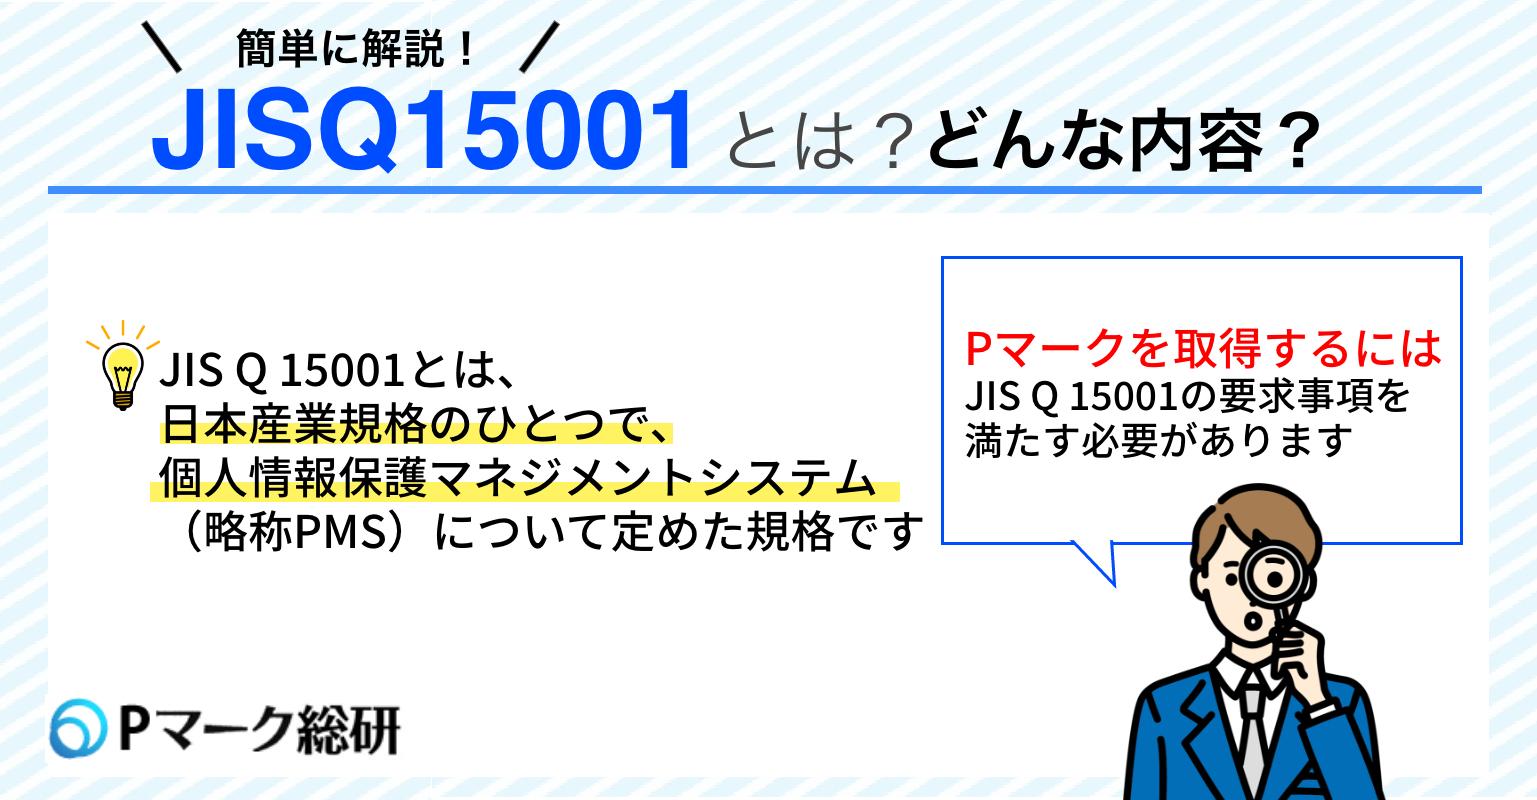 JISQ15001と個人情報保護マネジメントシステム、Pマークについて詳しく解説